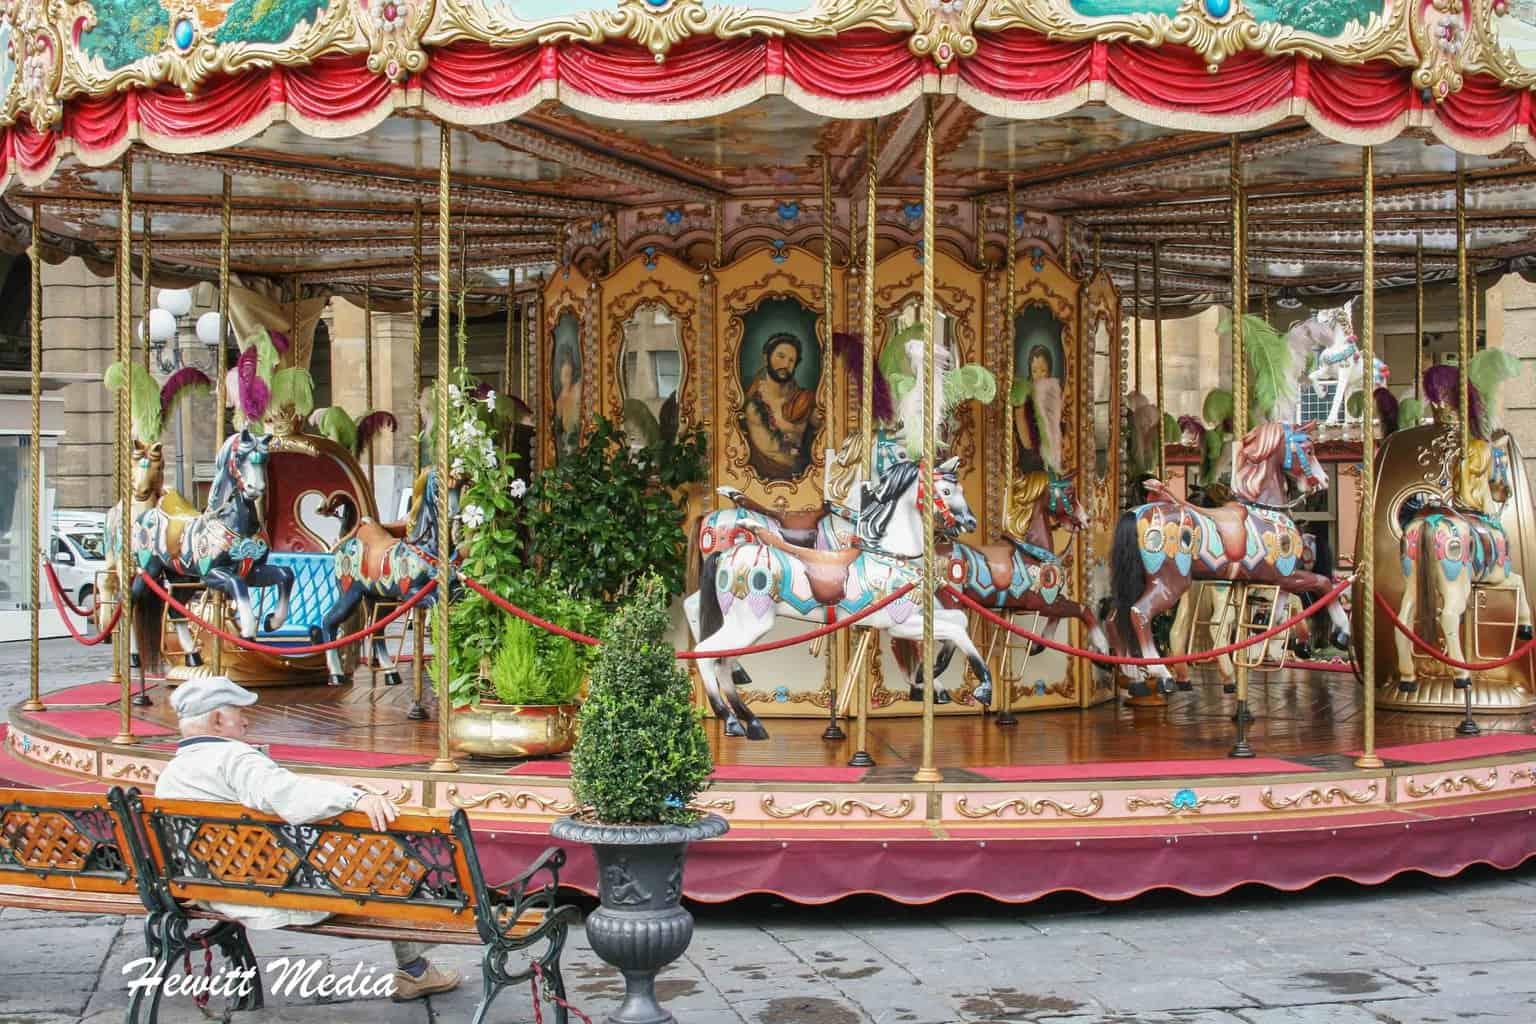 Merri-Go-Round in Florence, Italy